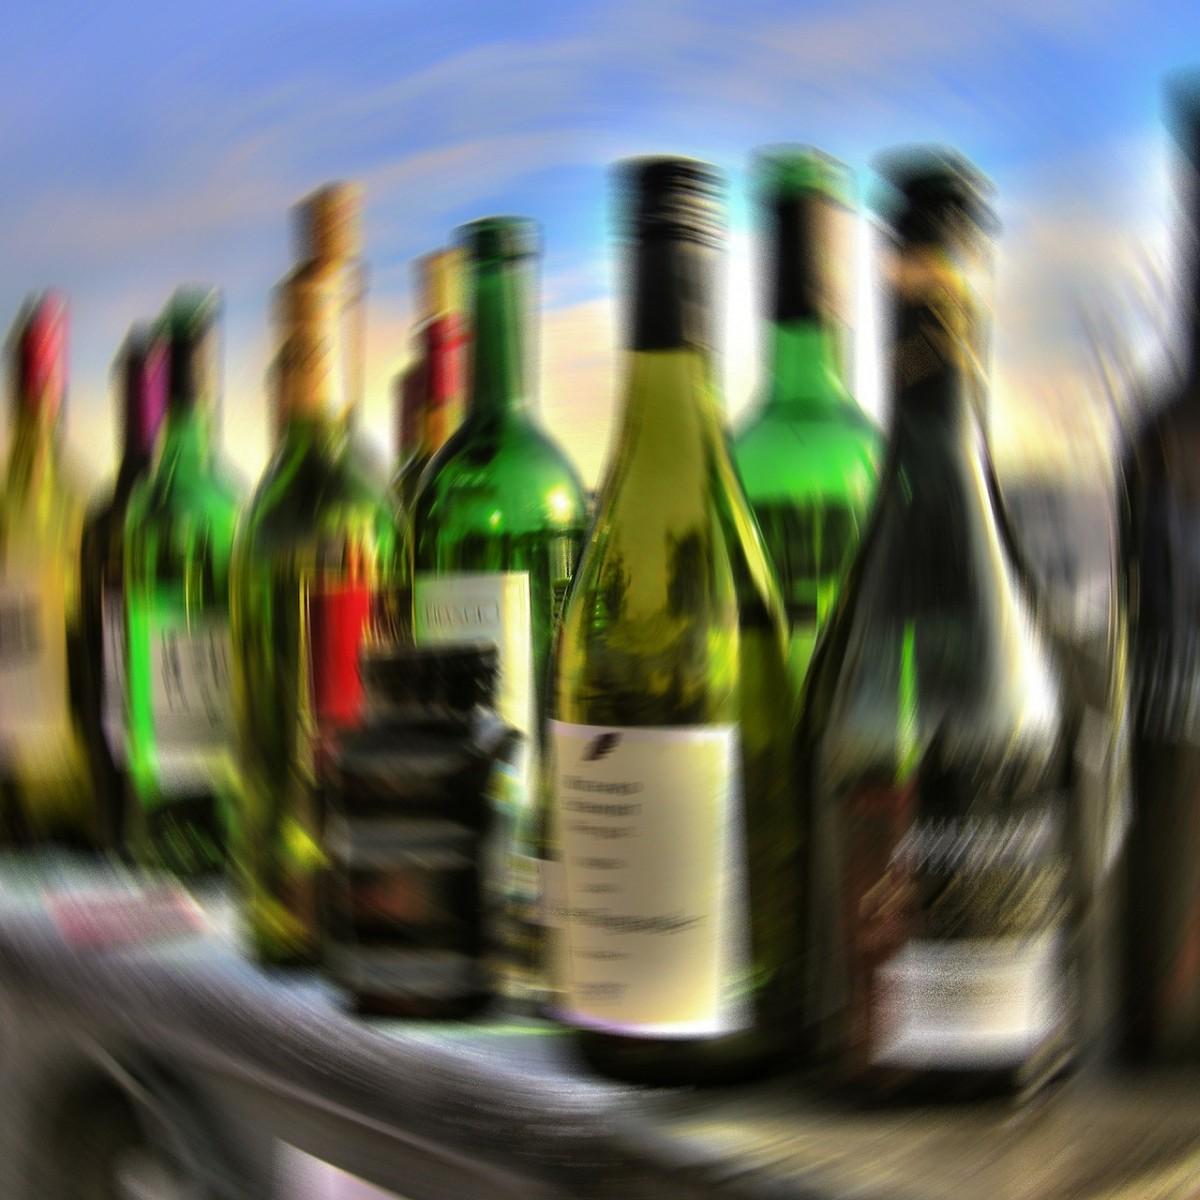 Алкогольный делирий или белая горячка